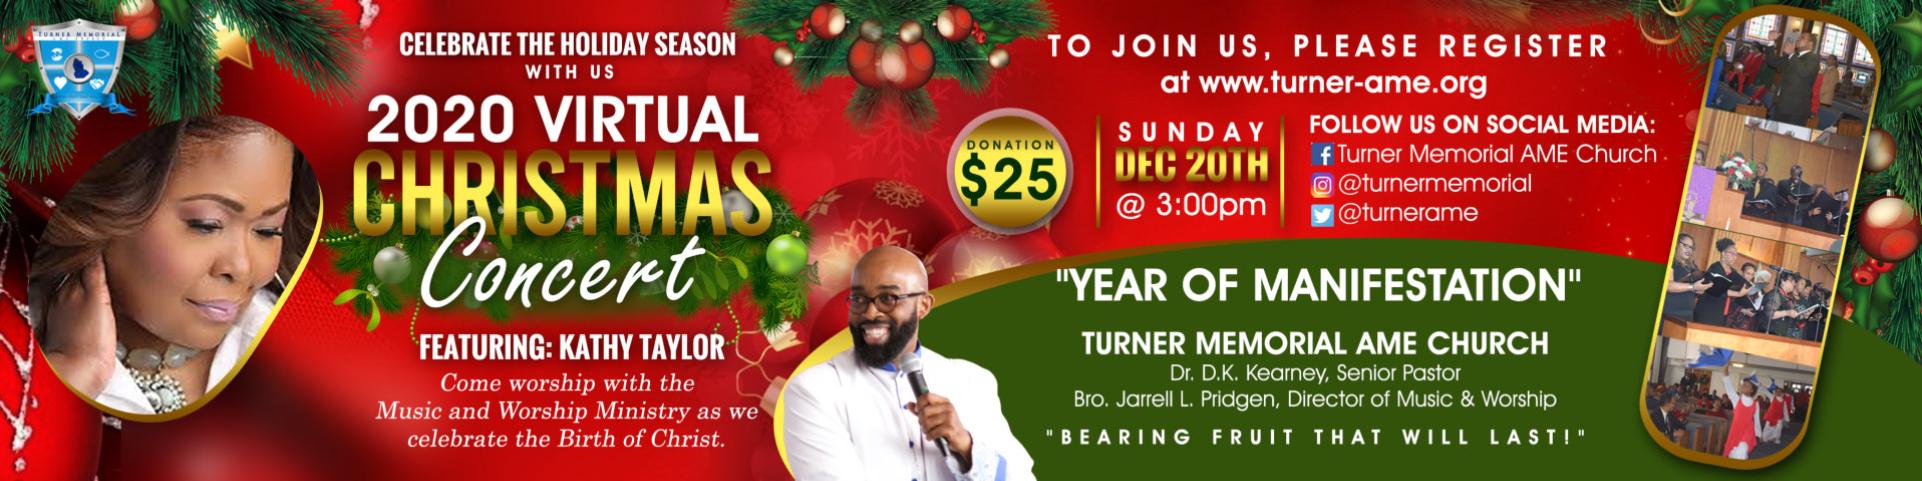 2020 Virtual Christmas Concert